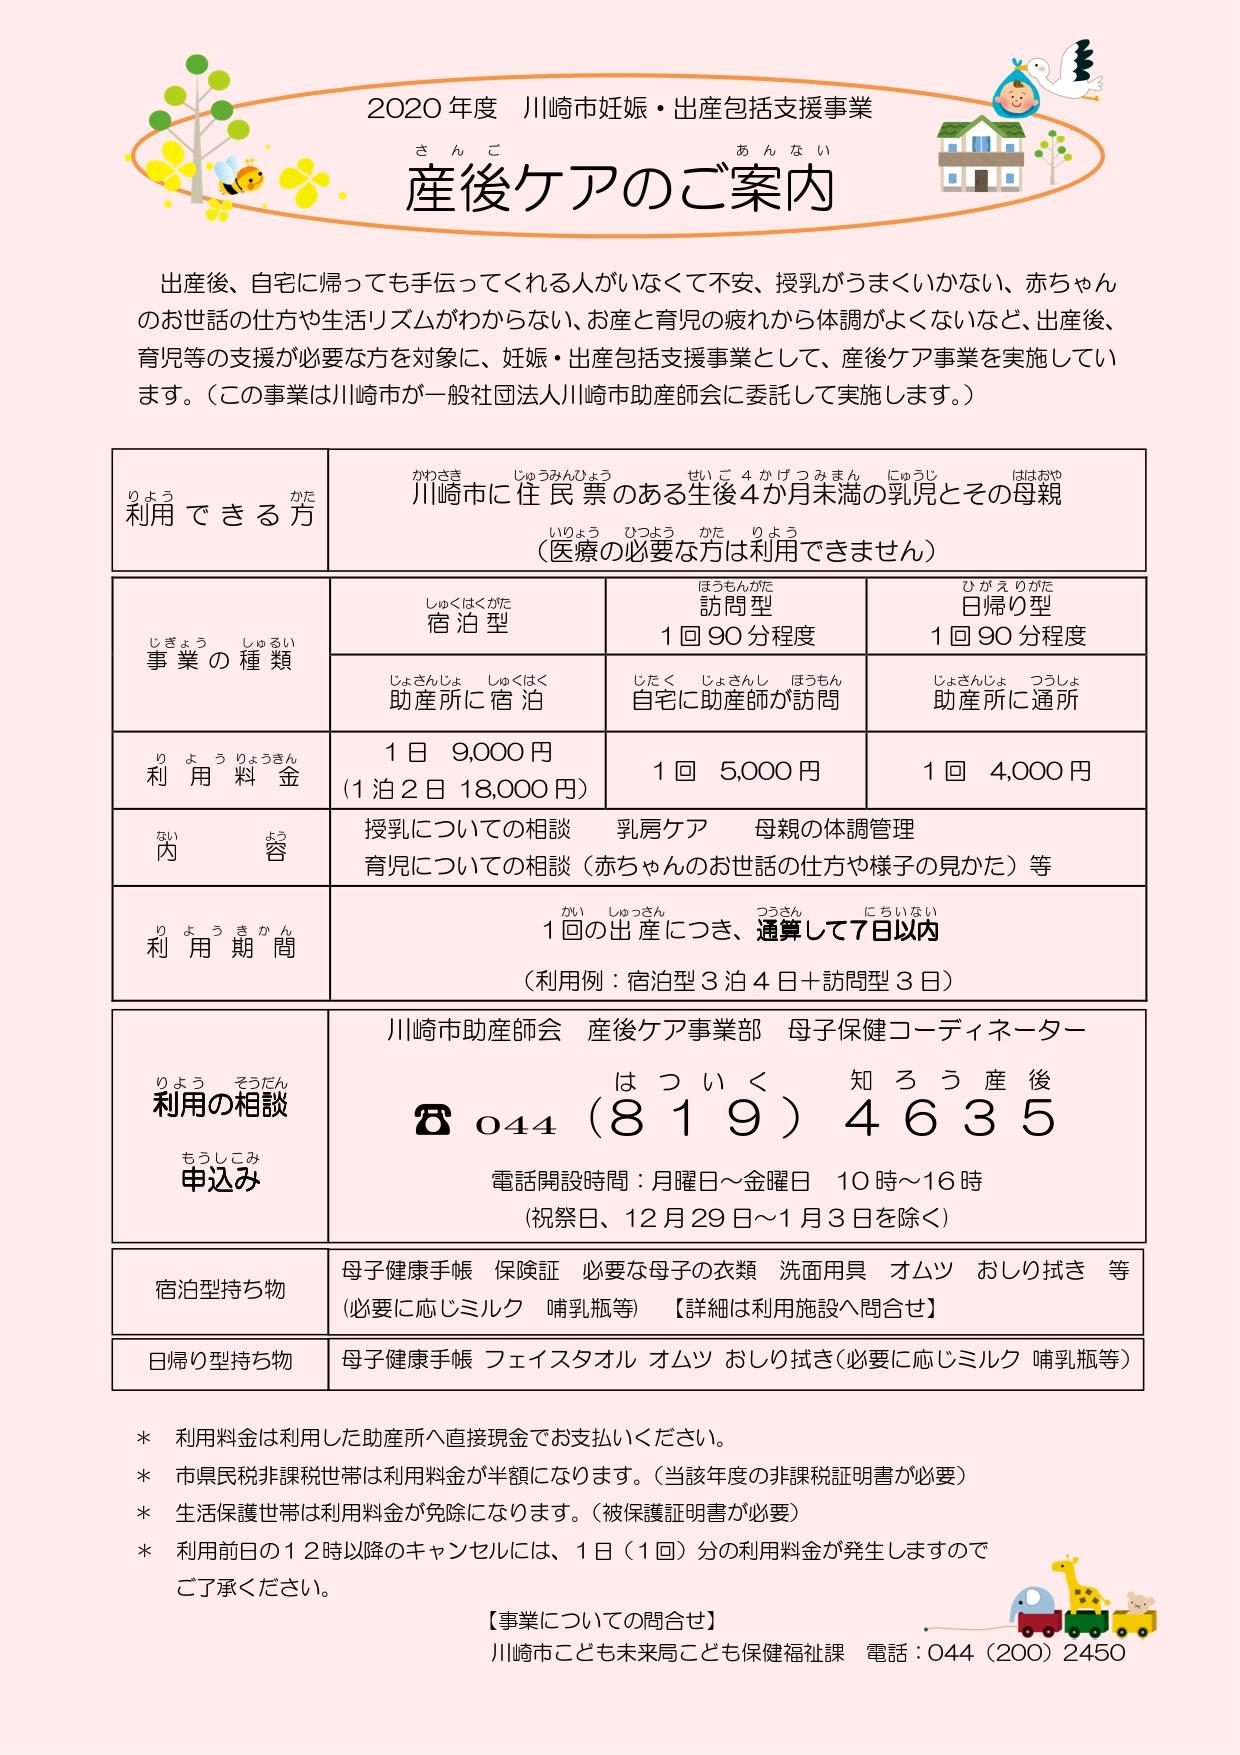 川崎市2020産後ケアチラシ1